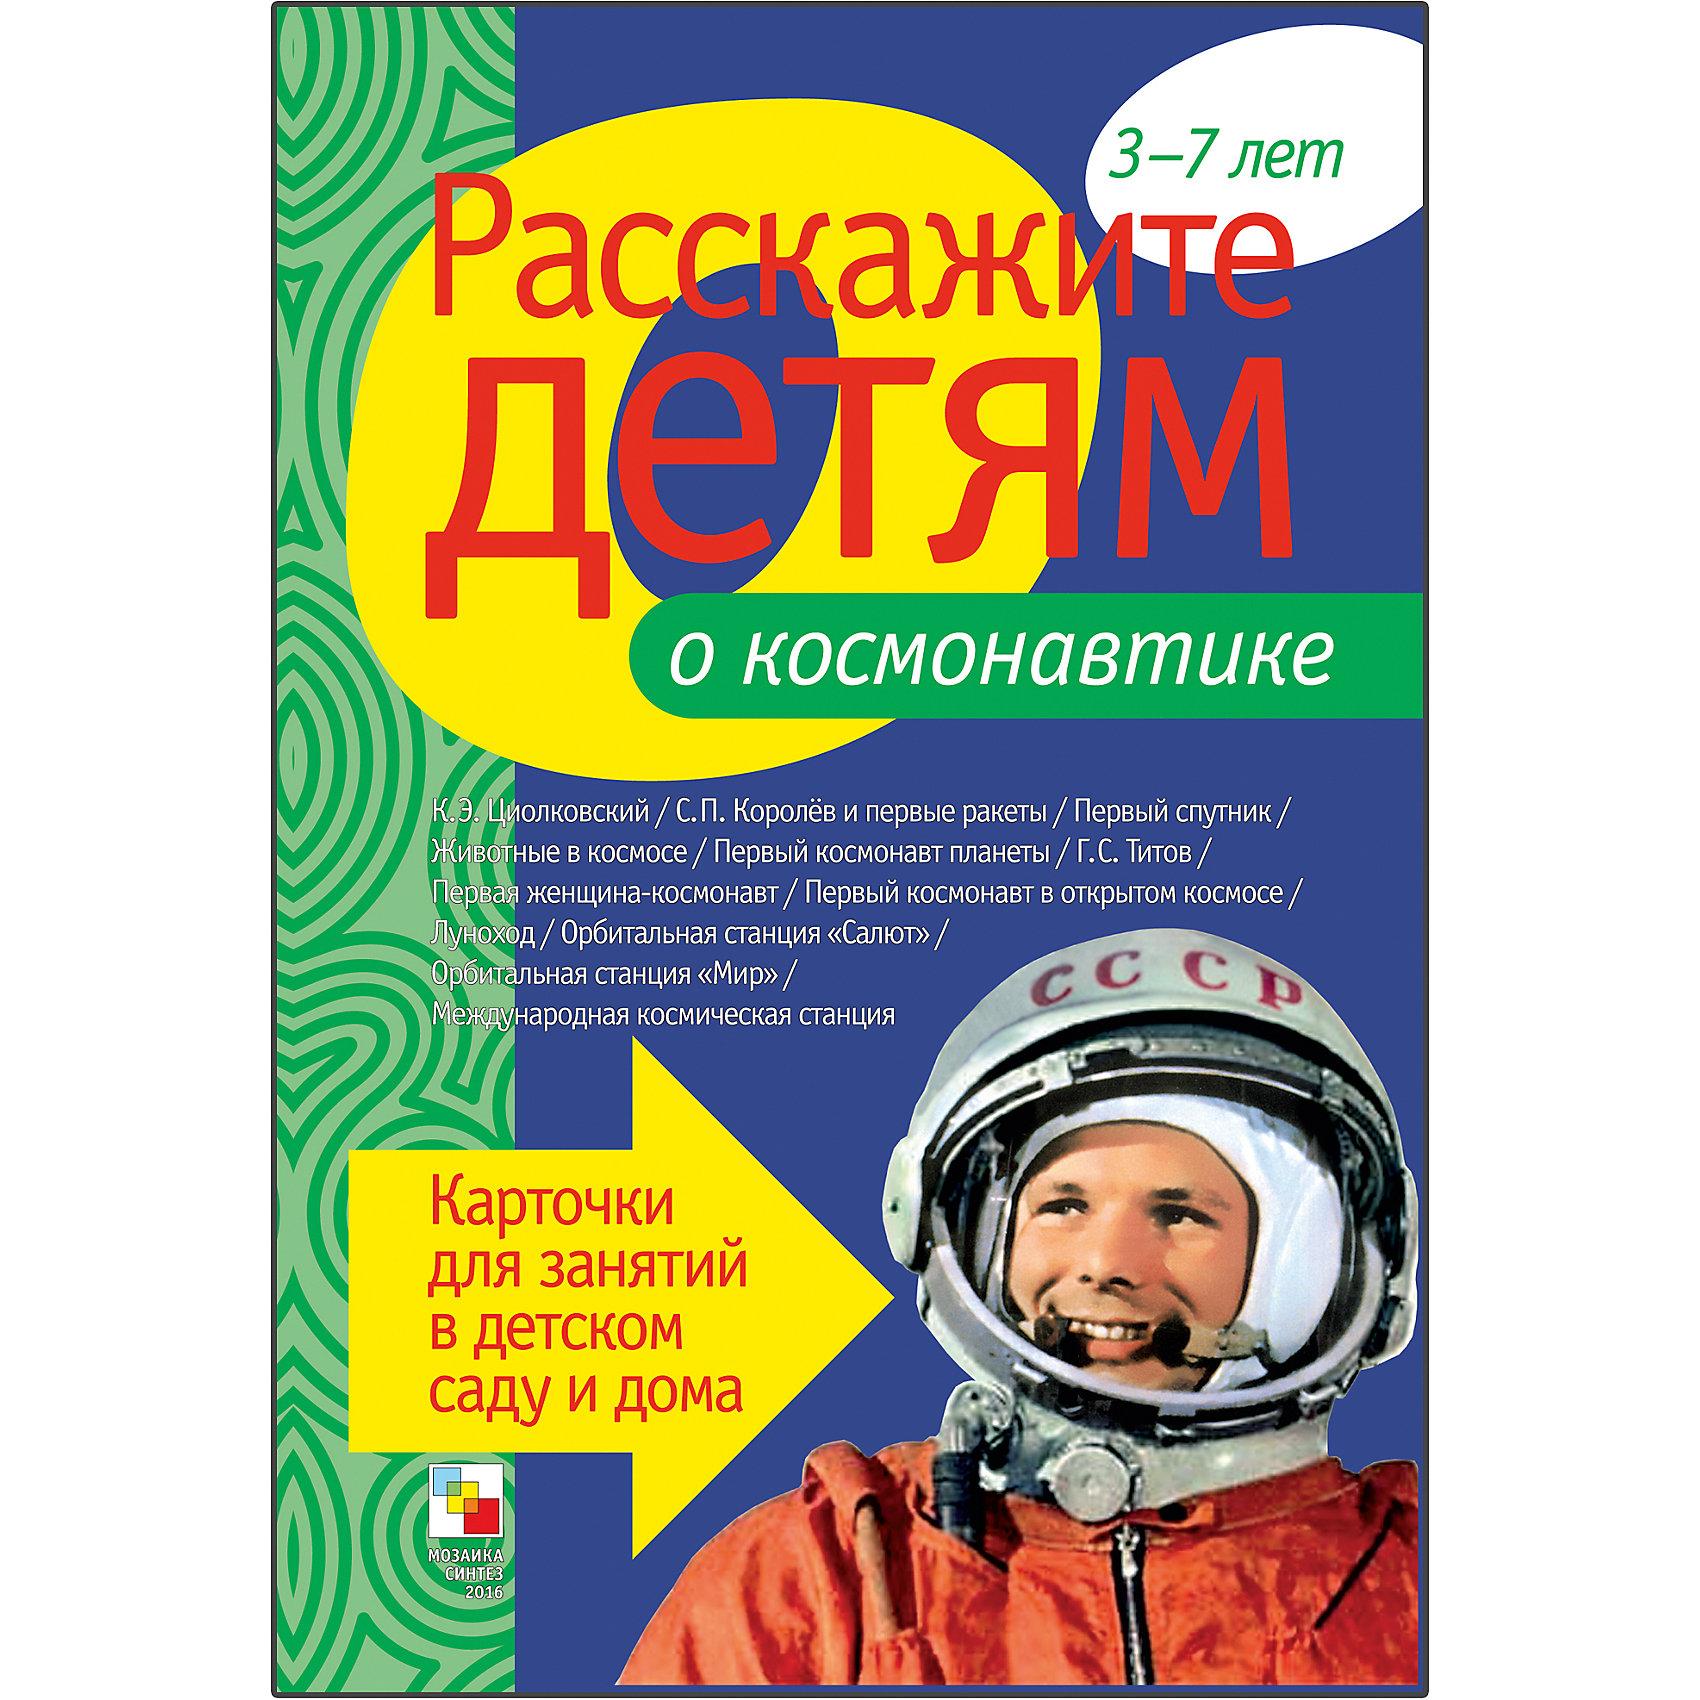 Карточки Расскажите детям о космонавтике, Мозаика-СинтезОбучающие карточки<br>Пособие Расскажите детям о космонавтике, Мозаика-Синтез<br><br>Характеристики:<br><br>• Издательство: МОЗАИКА-СИНТЕЗ<br>• ISBN: 9785867758431<br>• Тип: папка с карточками, обложка твердая.<br>• Возраст: от 3-7 лет.<br>• Размер книги: 210х150х5 мм.<br>• Количество страниц: 12<br><br>Пособие с яркими четкими картинками поможет Вам рассказать малышам о космонавтике. Они узнают много нового и интересного о первом космонавте в открытом космосе, орбитальной станции «Мир», о животных в космосе, первом спутнике, о С. П. Королеве и о многом другом. <br><br>На оборотной стороне карточек содержатся необходимые сведения. Эта информация поможет сделать ваш рассказ увлекательным и познавательным для каждого малыша.<br><br>Пособие Расскажите детям о космонавтике, Мозаика-Синтез, можно купить в нашем интернет – магазине.<br><br>Ширина мм: 5<br>Глубина мм: 150<br>Высота мм: 210<br>Вес г: 83<br>Возраст от месяцев: 36<br>Возраст до месяцев: 84<br>Пол: Унисекс<br>Возраст: Детский<br>SKU: 5428916